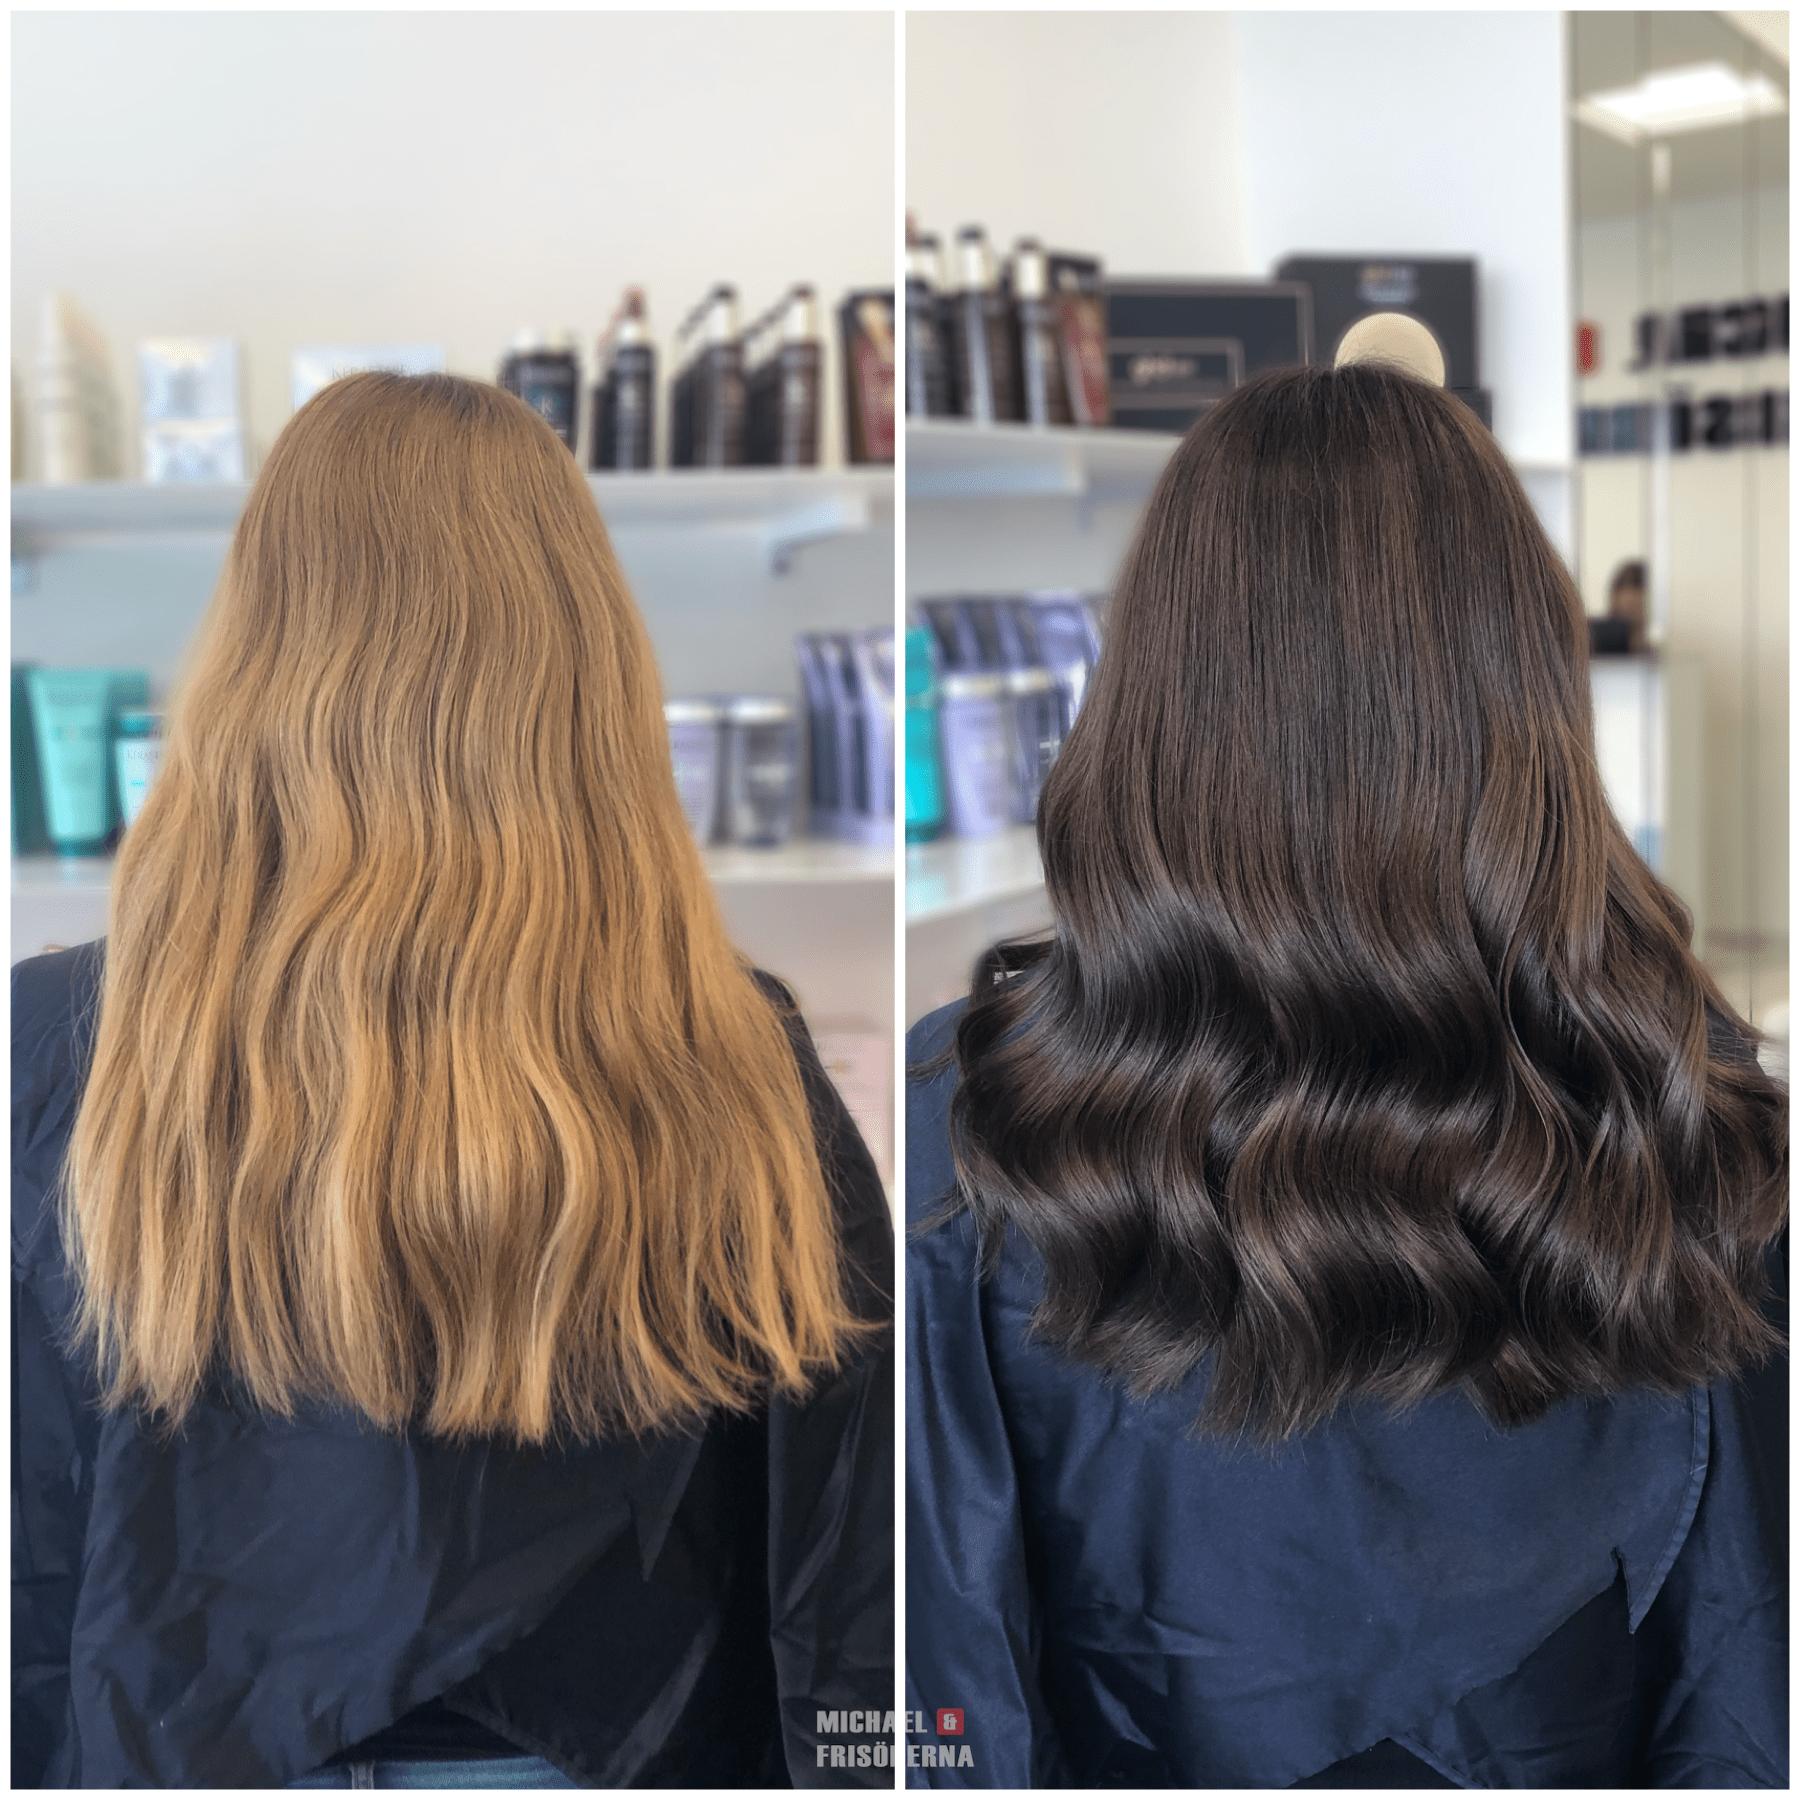 Brun hårfärg